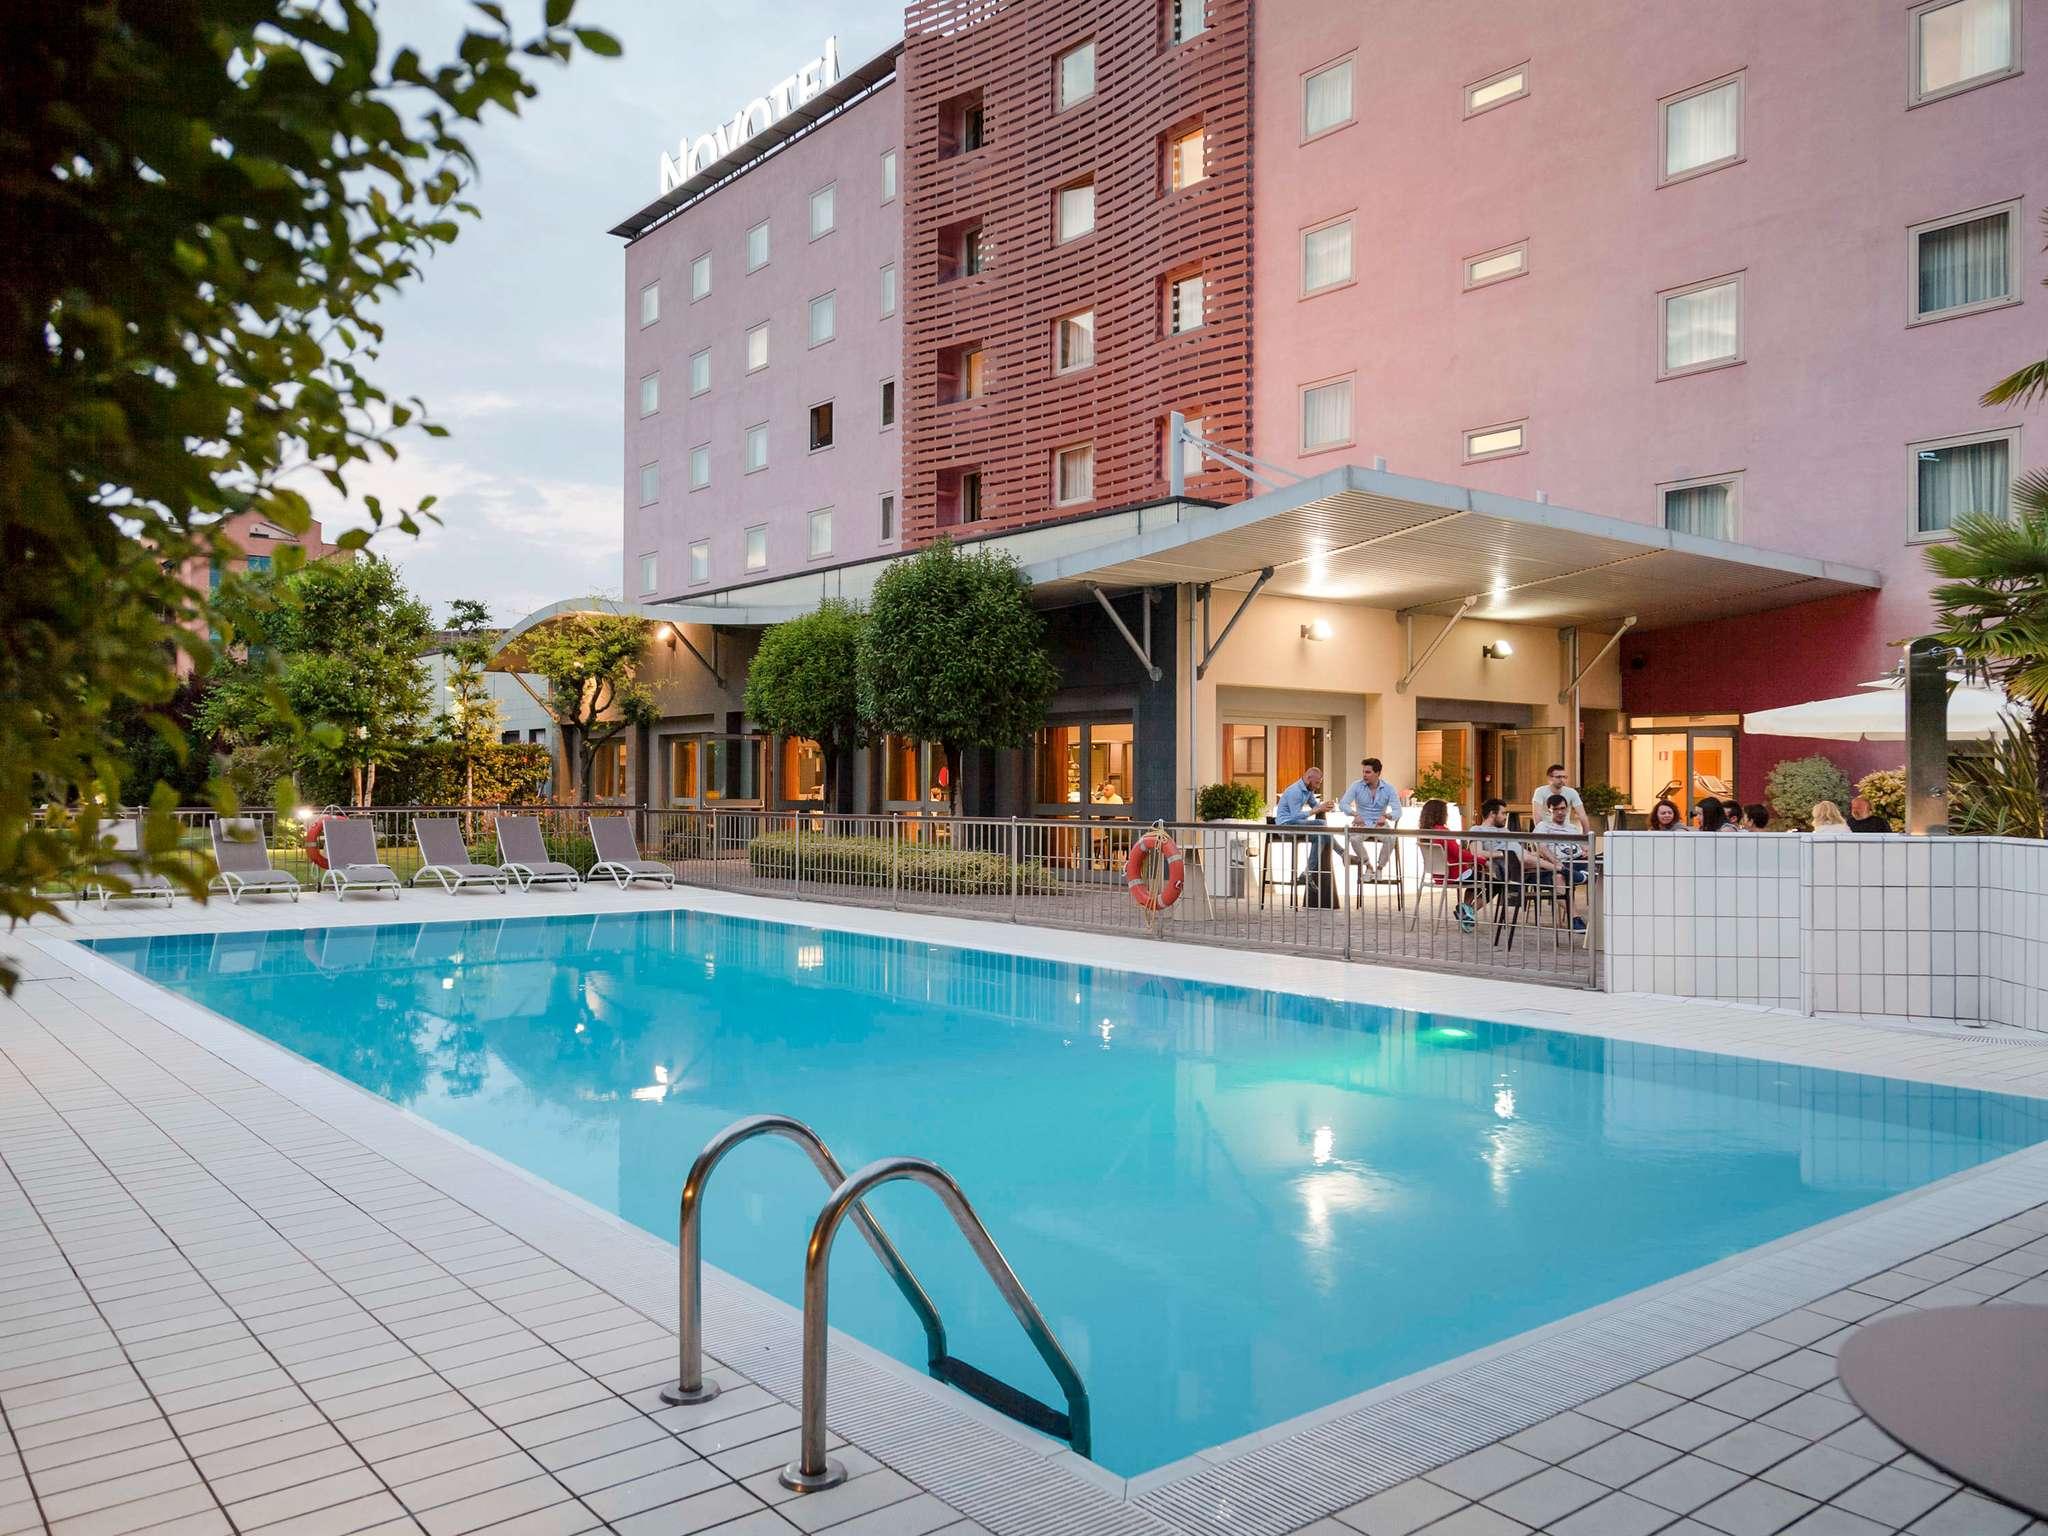 Hotel - Novotel Brescia 2